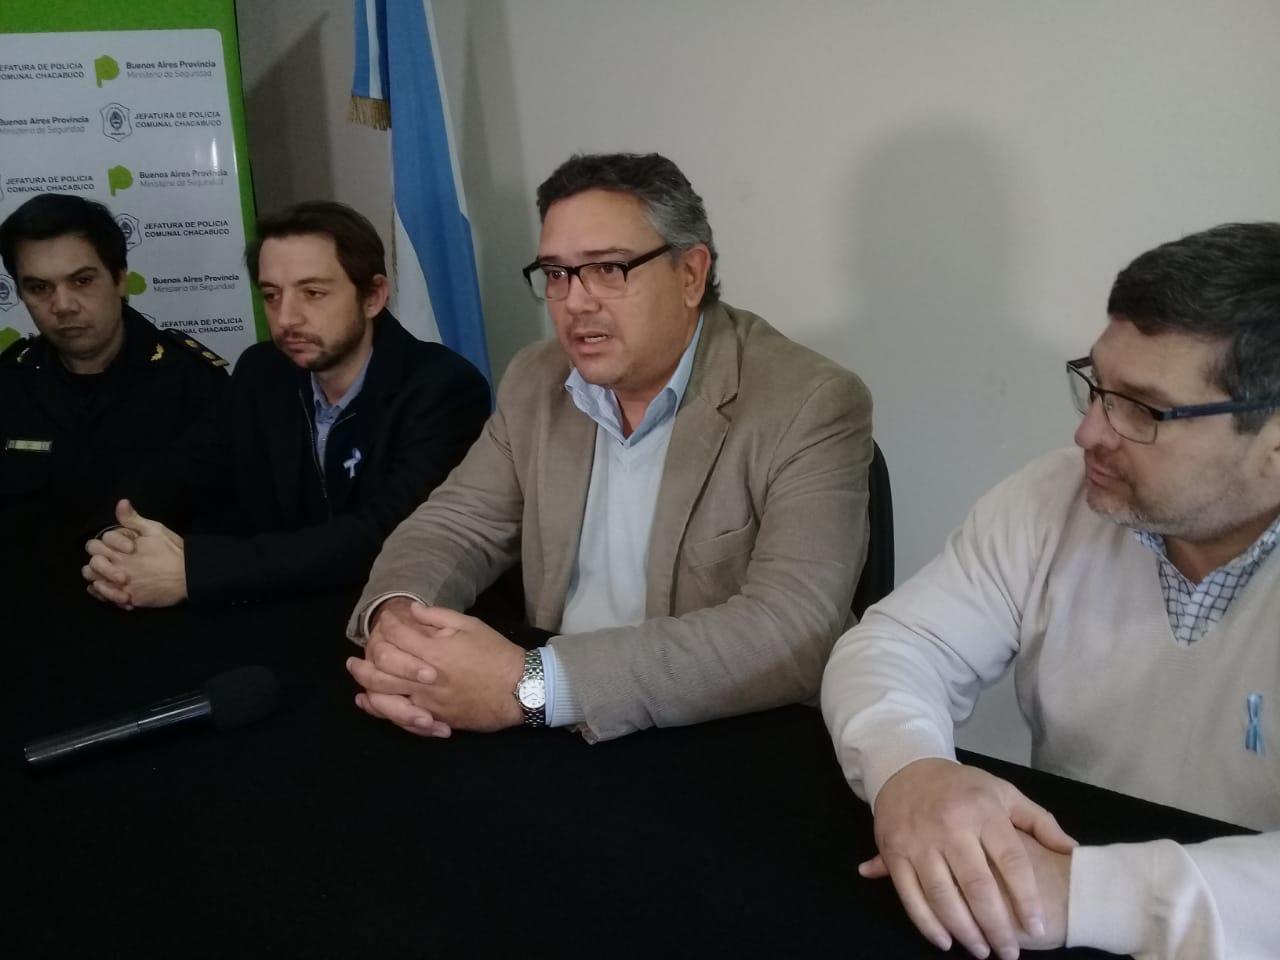 INÉDITO | Jóven es detenido por acumulación de multas